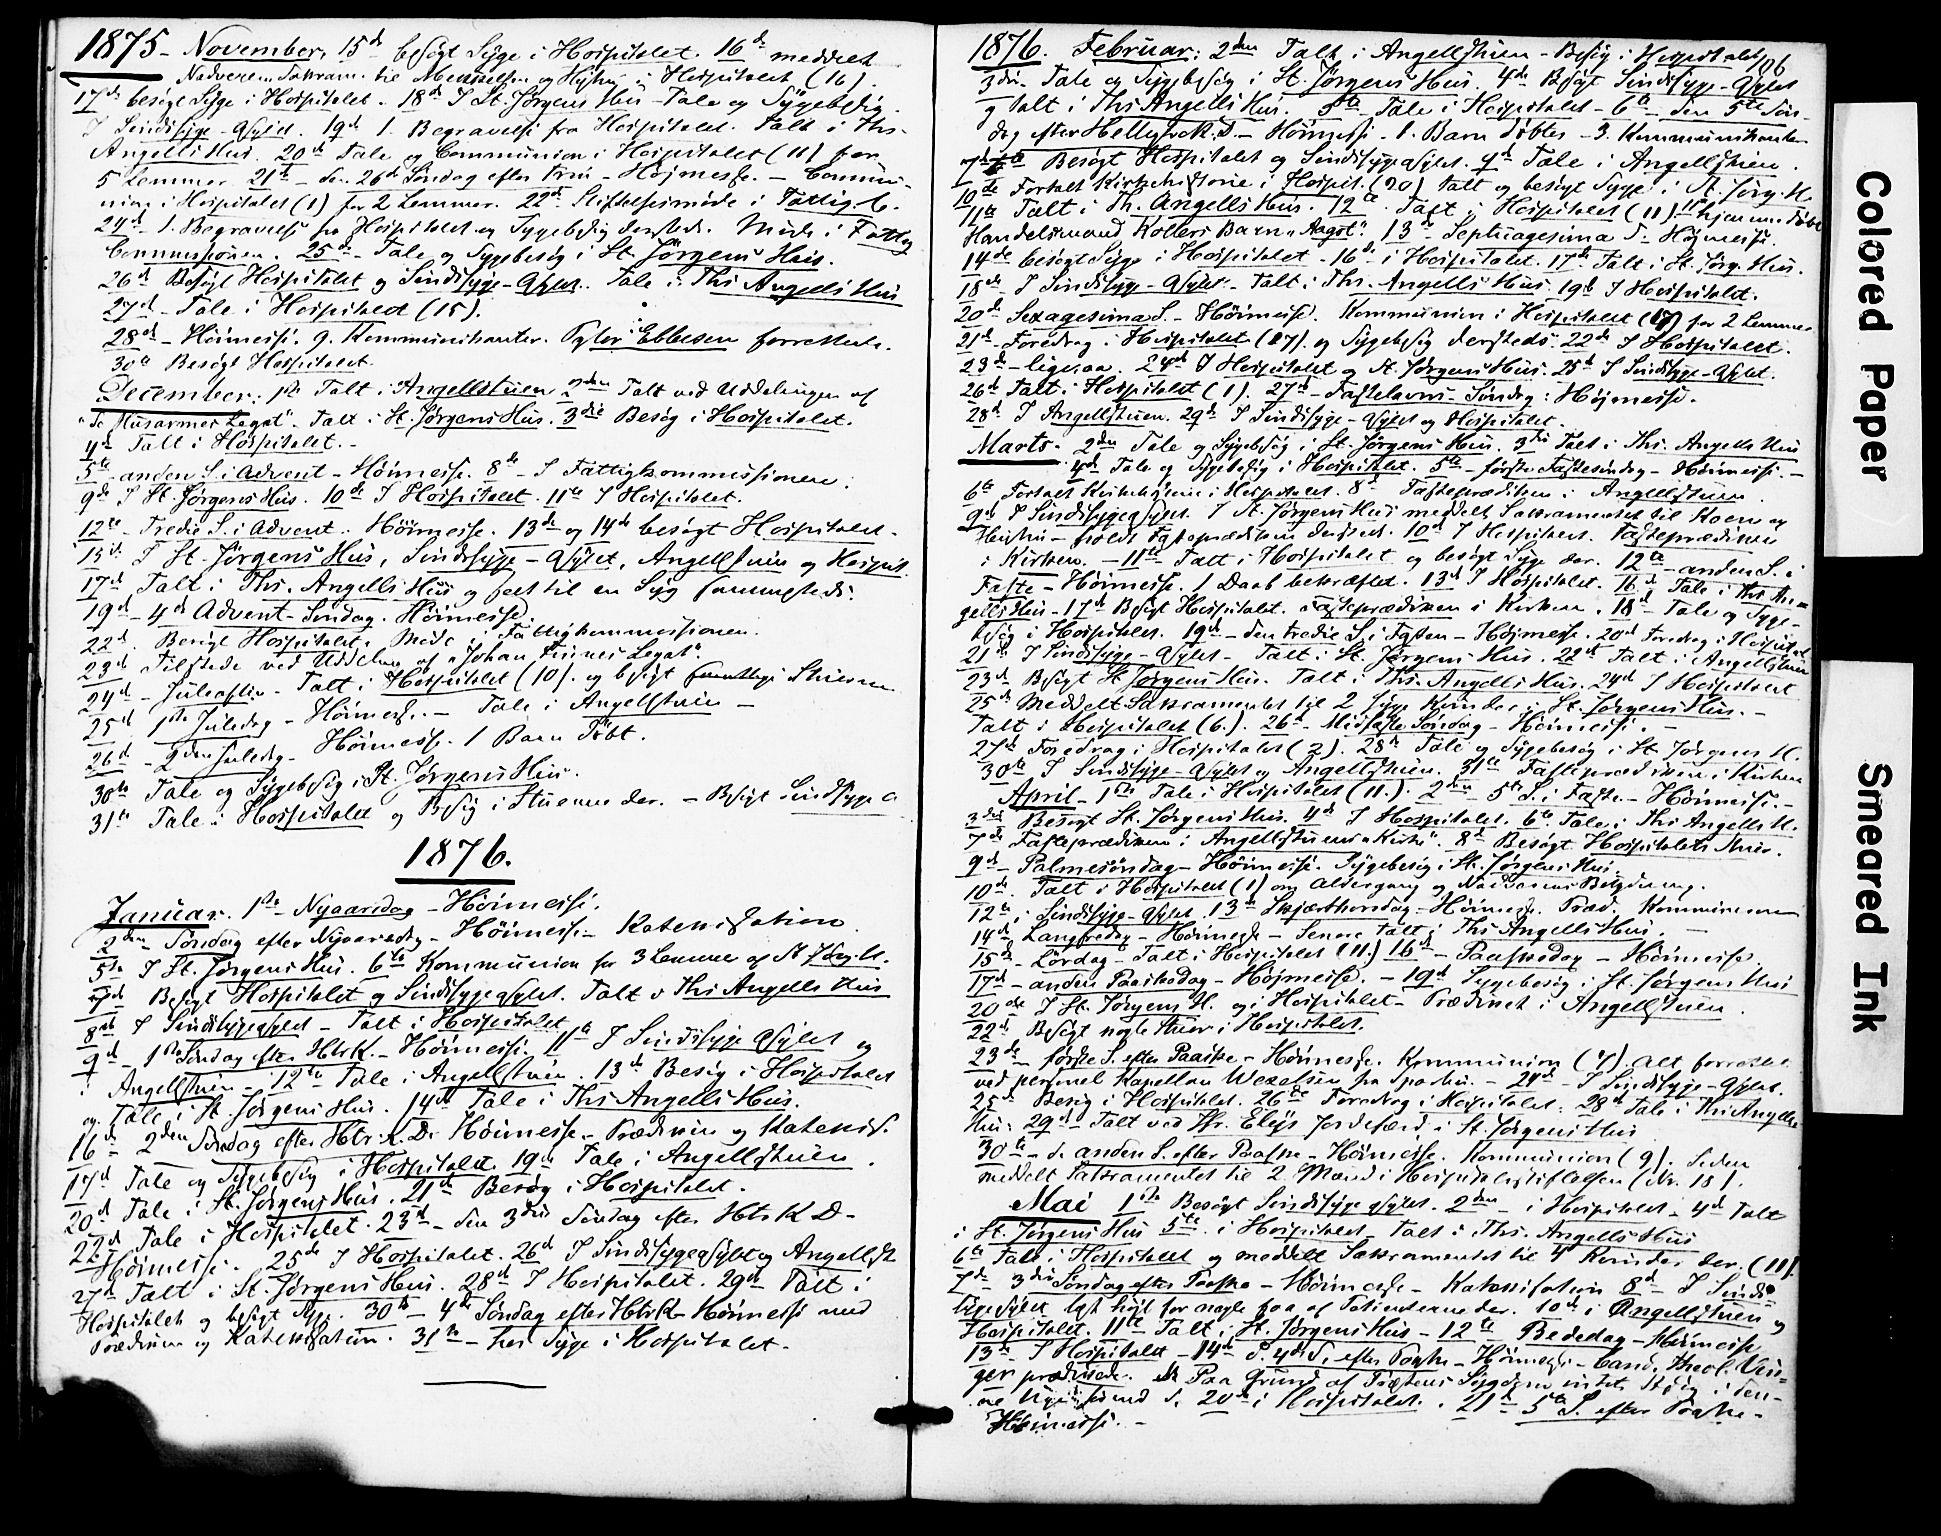 SAT, Ministerialprotokoller, klokkerbøker og fødselsregistre - Sør-Trøndelag, 623/L0469: Ministerialbok nr. 623A03, 1868-1883, s. 106